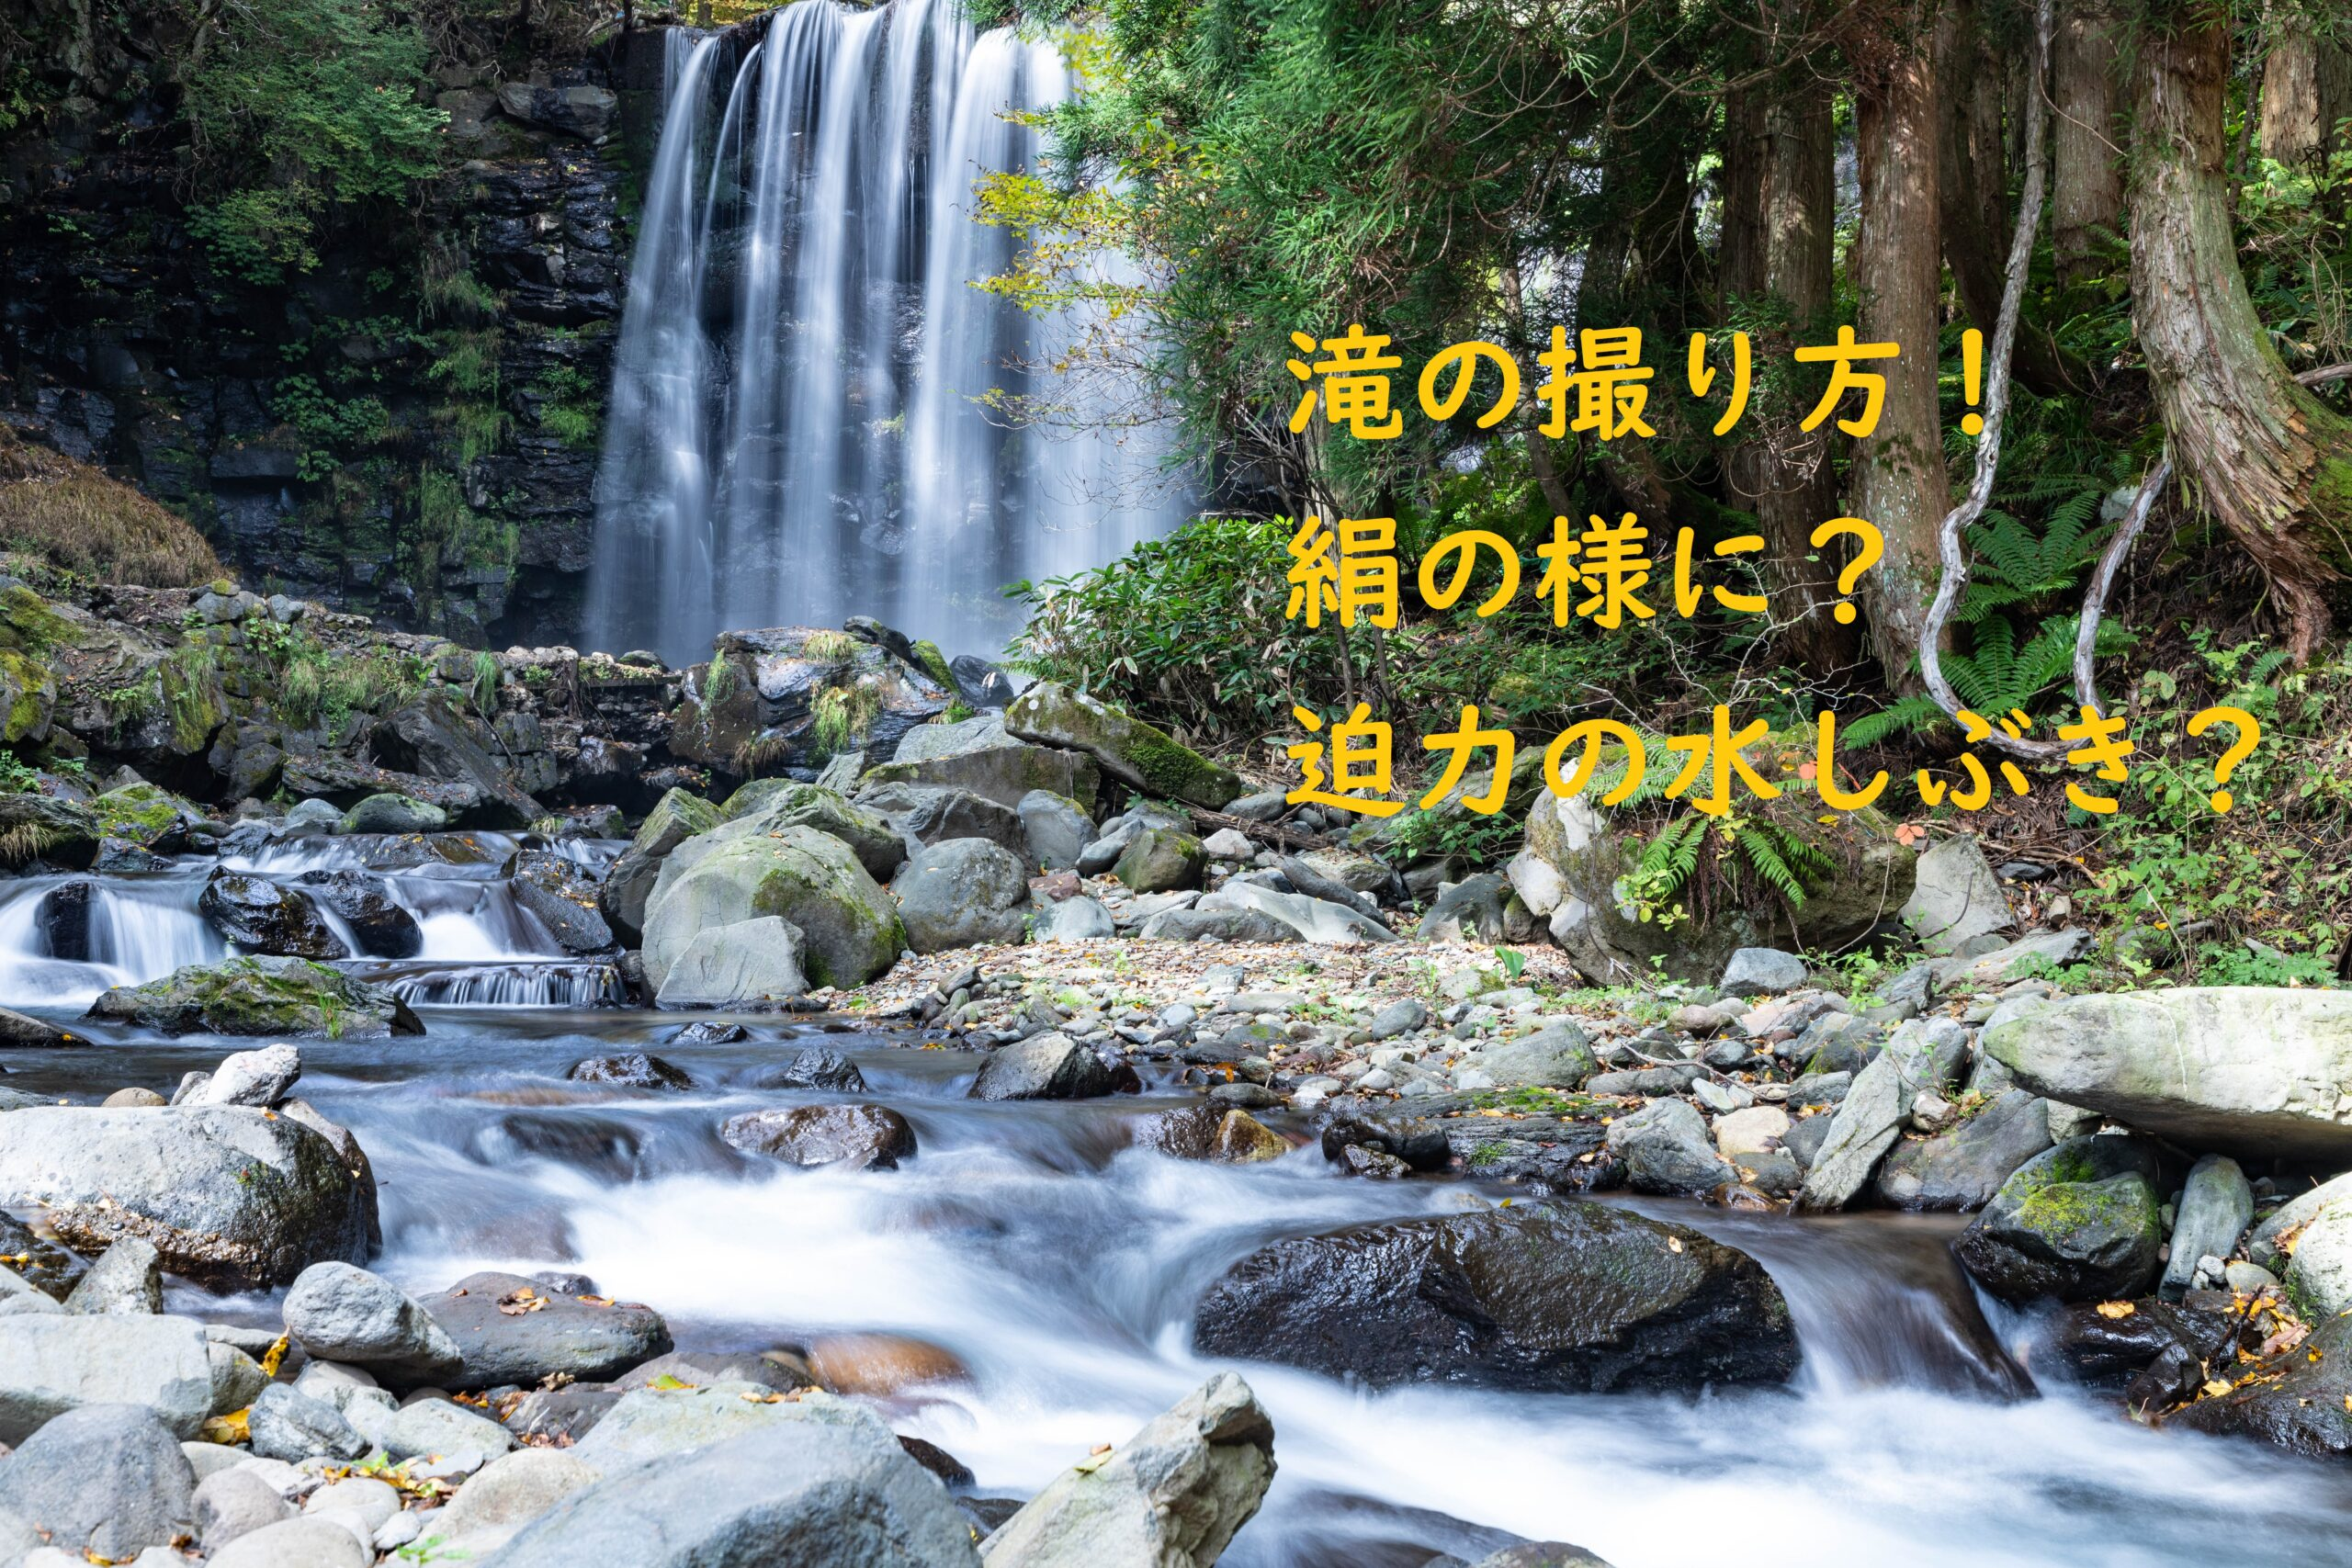 滝の撮り方アイキャッチ